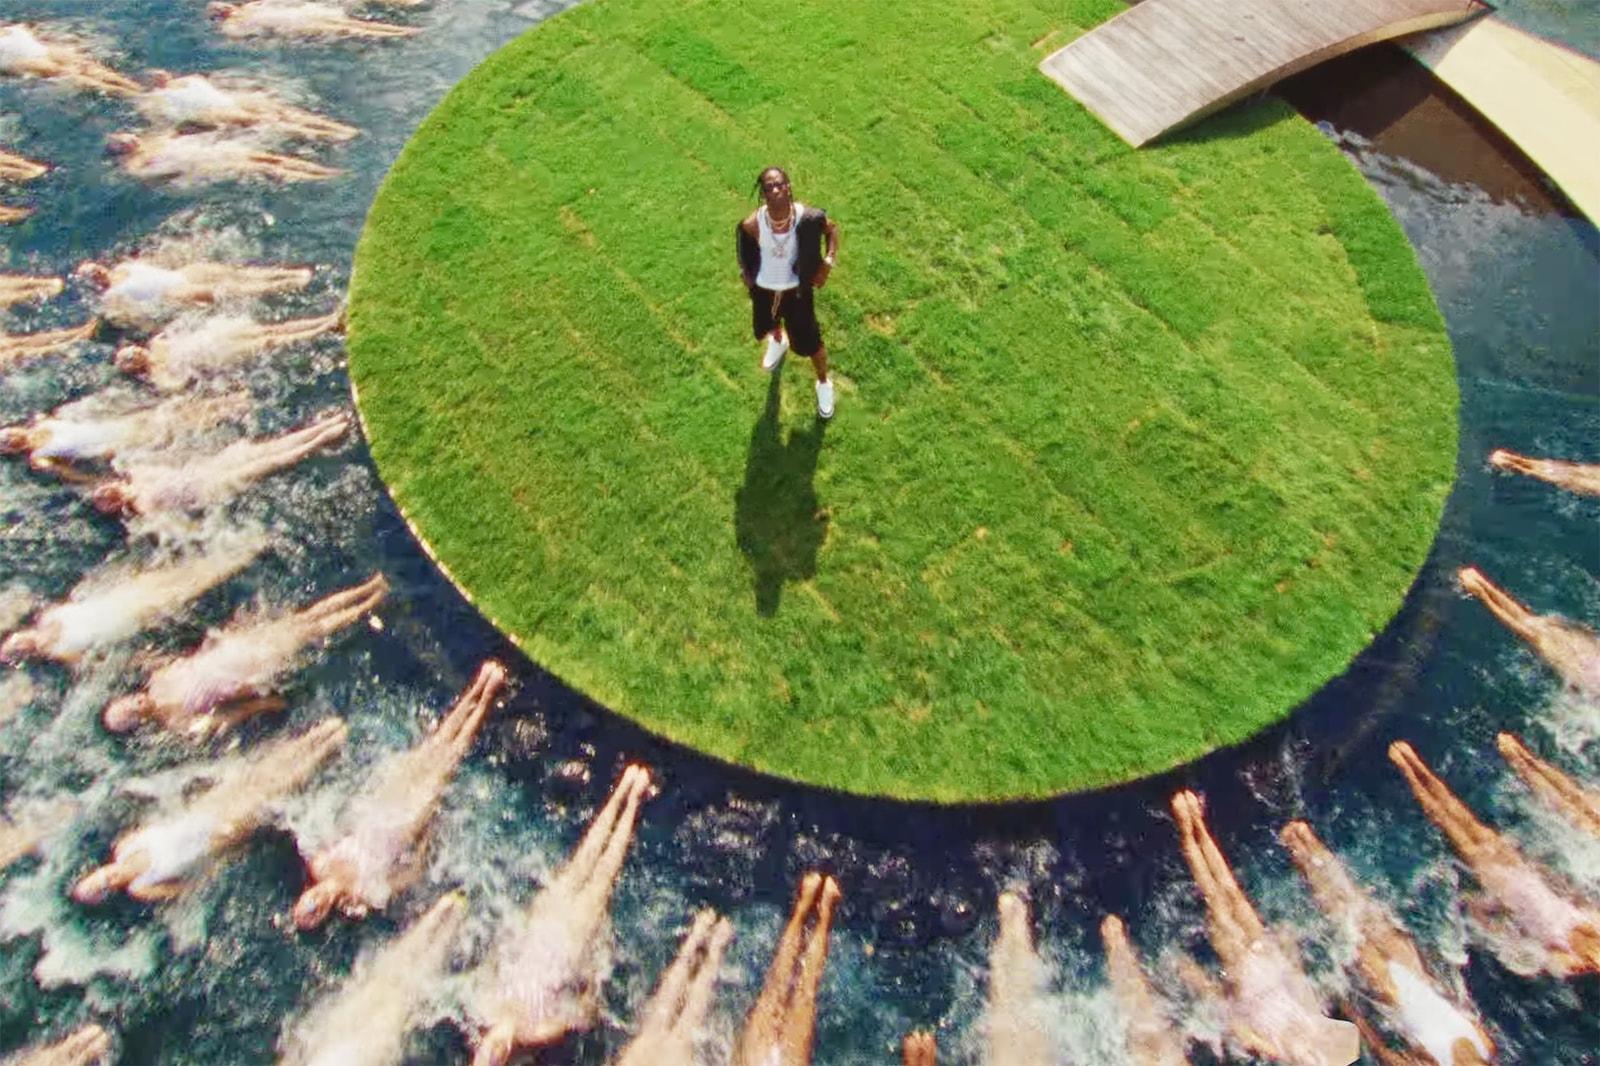 트래비스 스콧의 'FRANCHISE' MV 속 마이클 조던 저택 살펴보기, M.I.A., 엠아이에이, 영 떡, 시카고 불스, 라스트 댄스